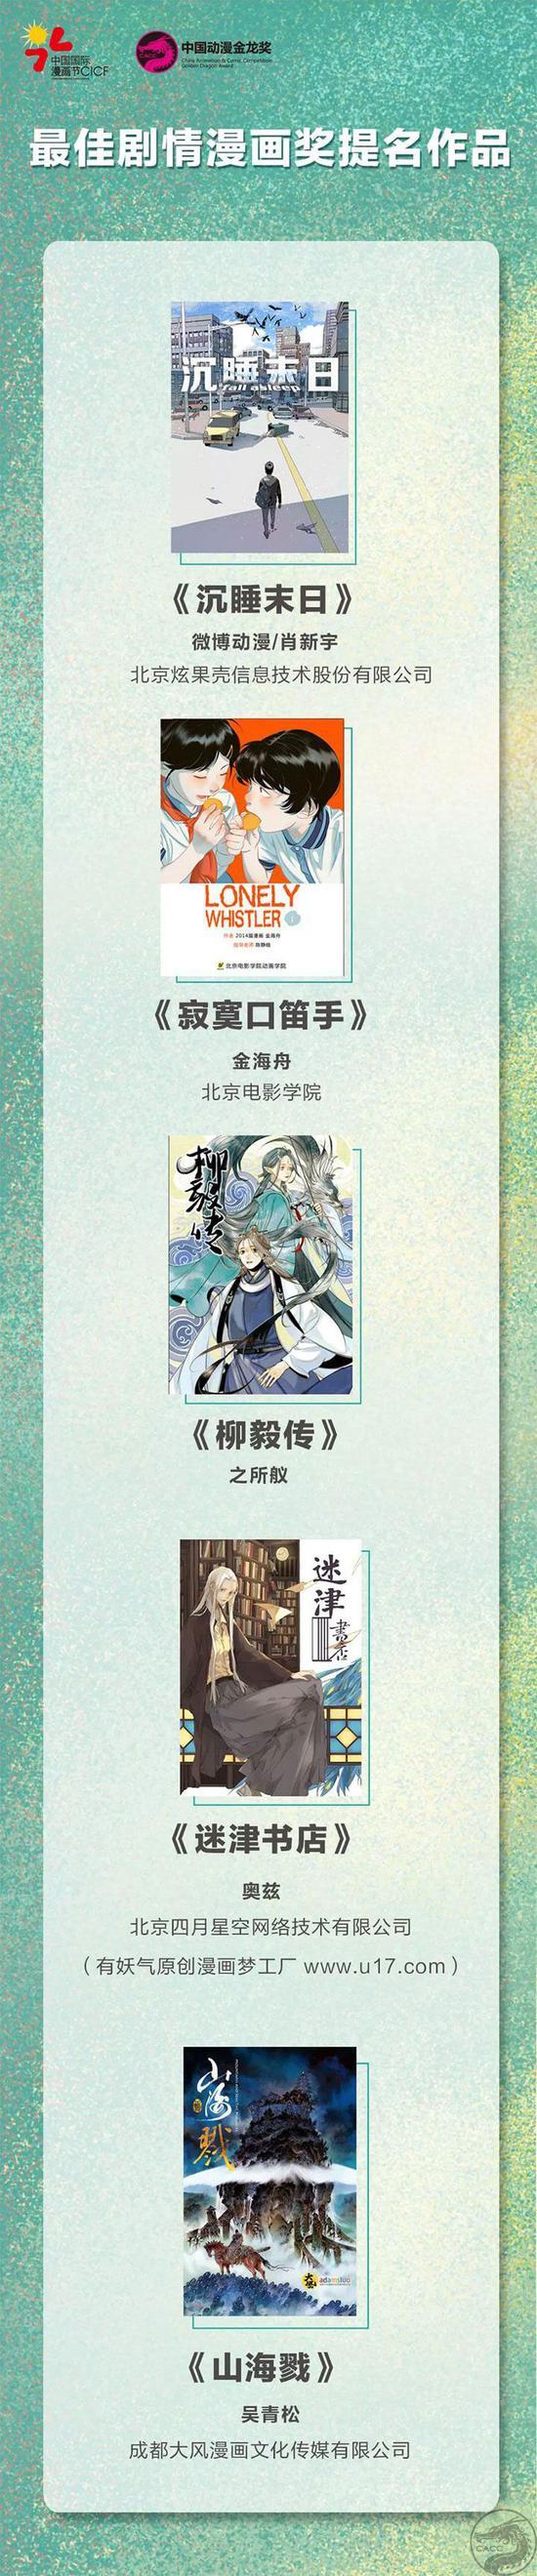 中国动漫金龙奖(CACC)最佳剧情漫画奖提名作品.jpg